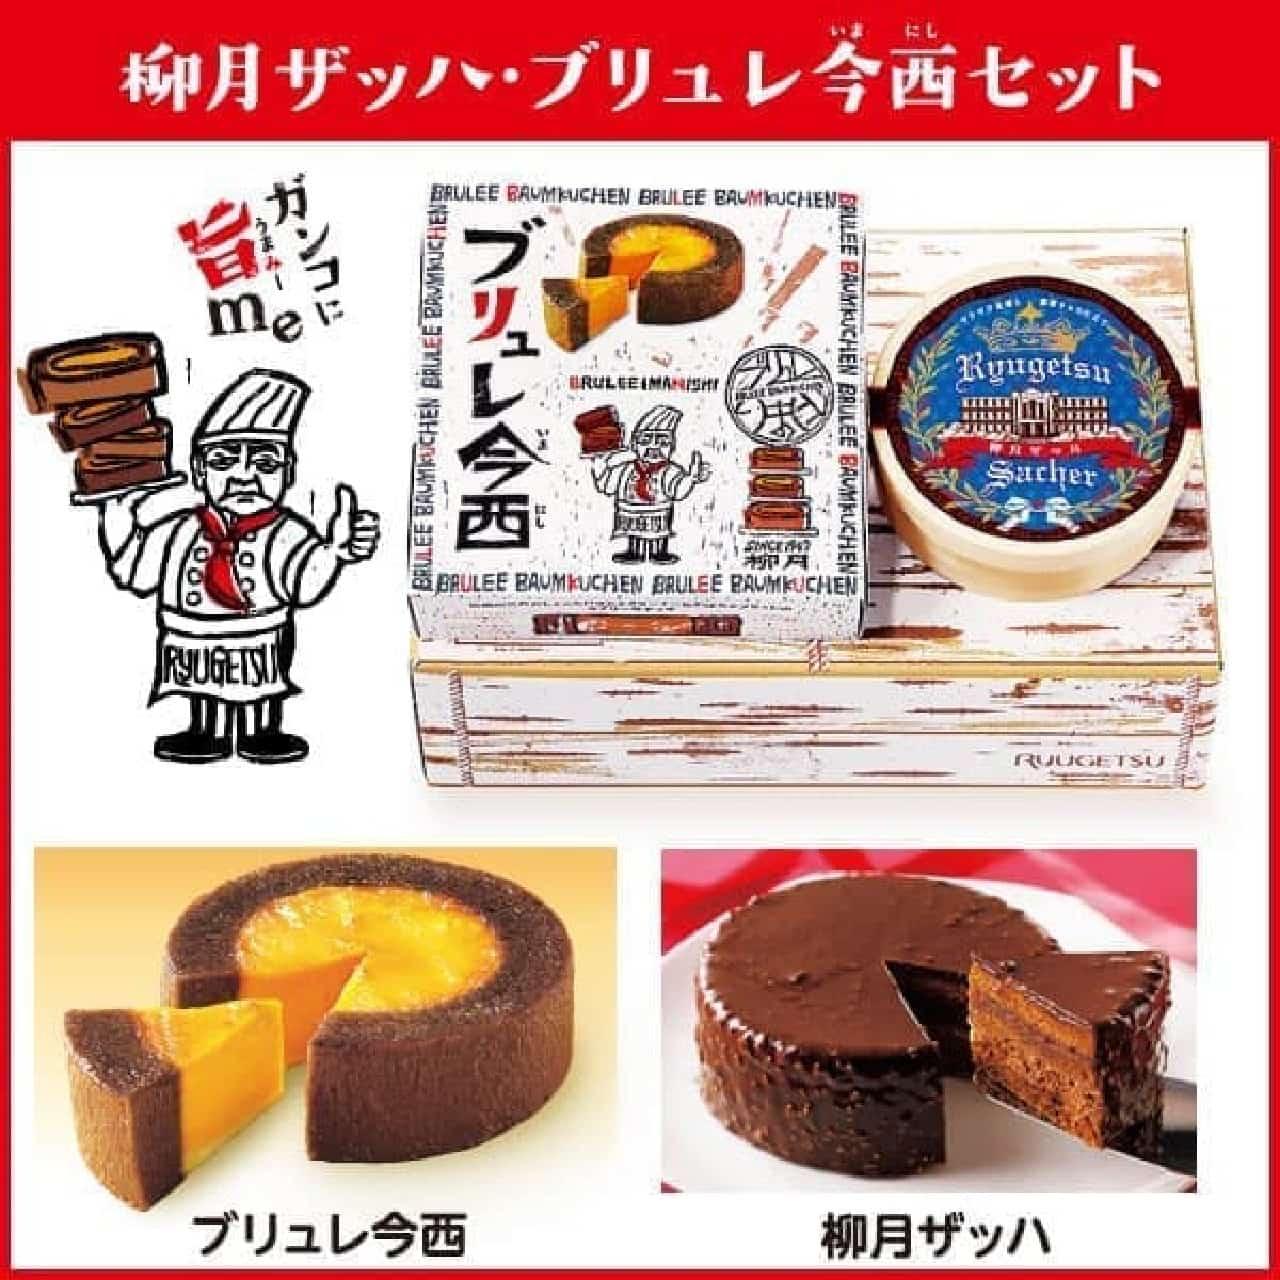 柳月 3つのお菓子セット送料無料キャンペーン